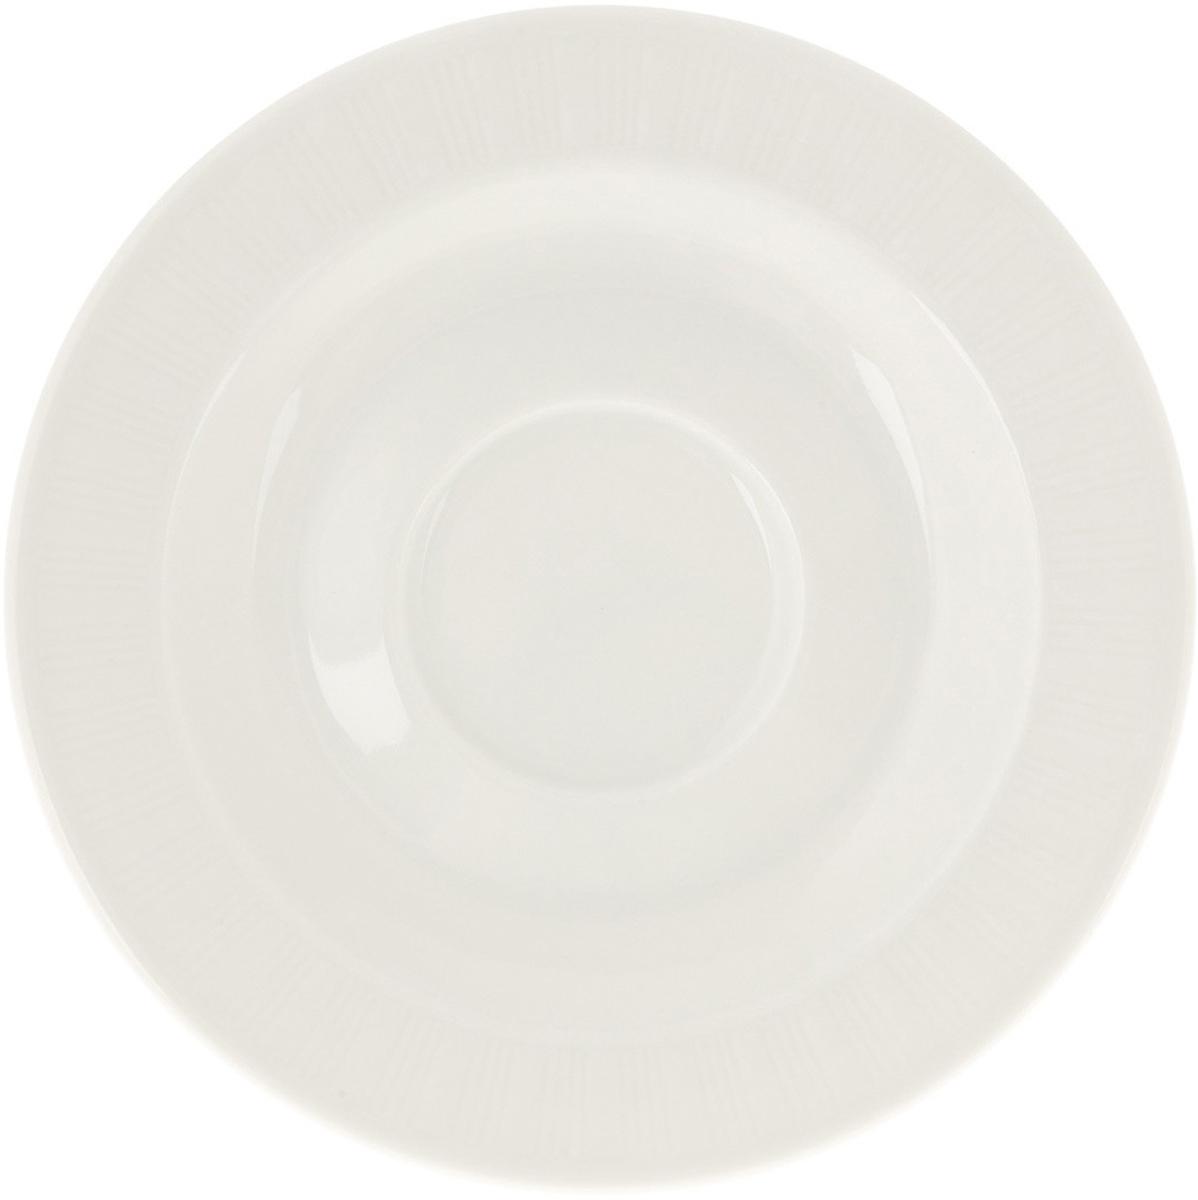 """Блюдце чайное """"Eschenbach"""", цвет: белый, диаметр 16 см"""